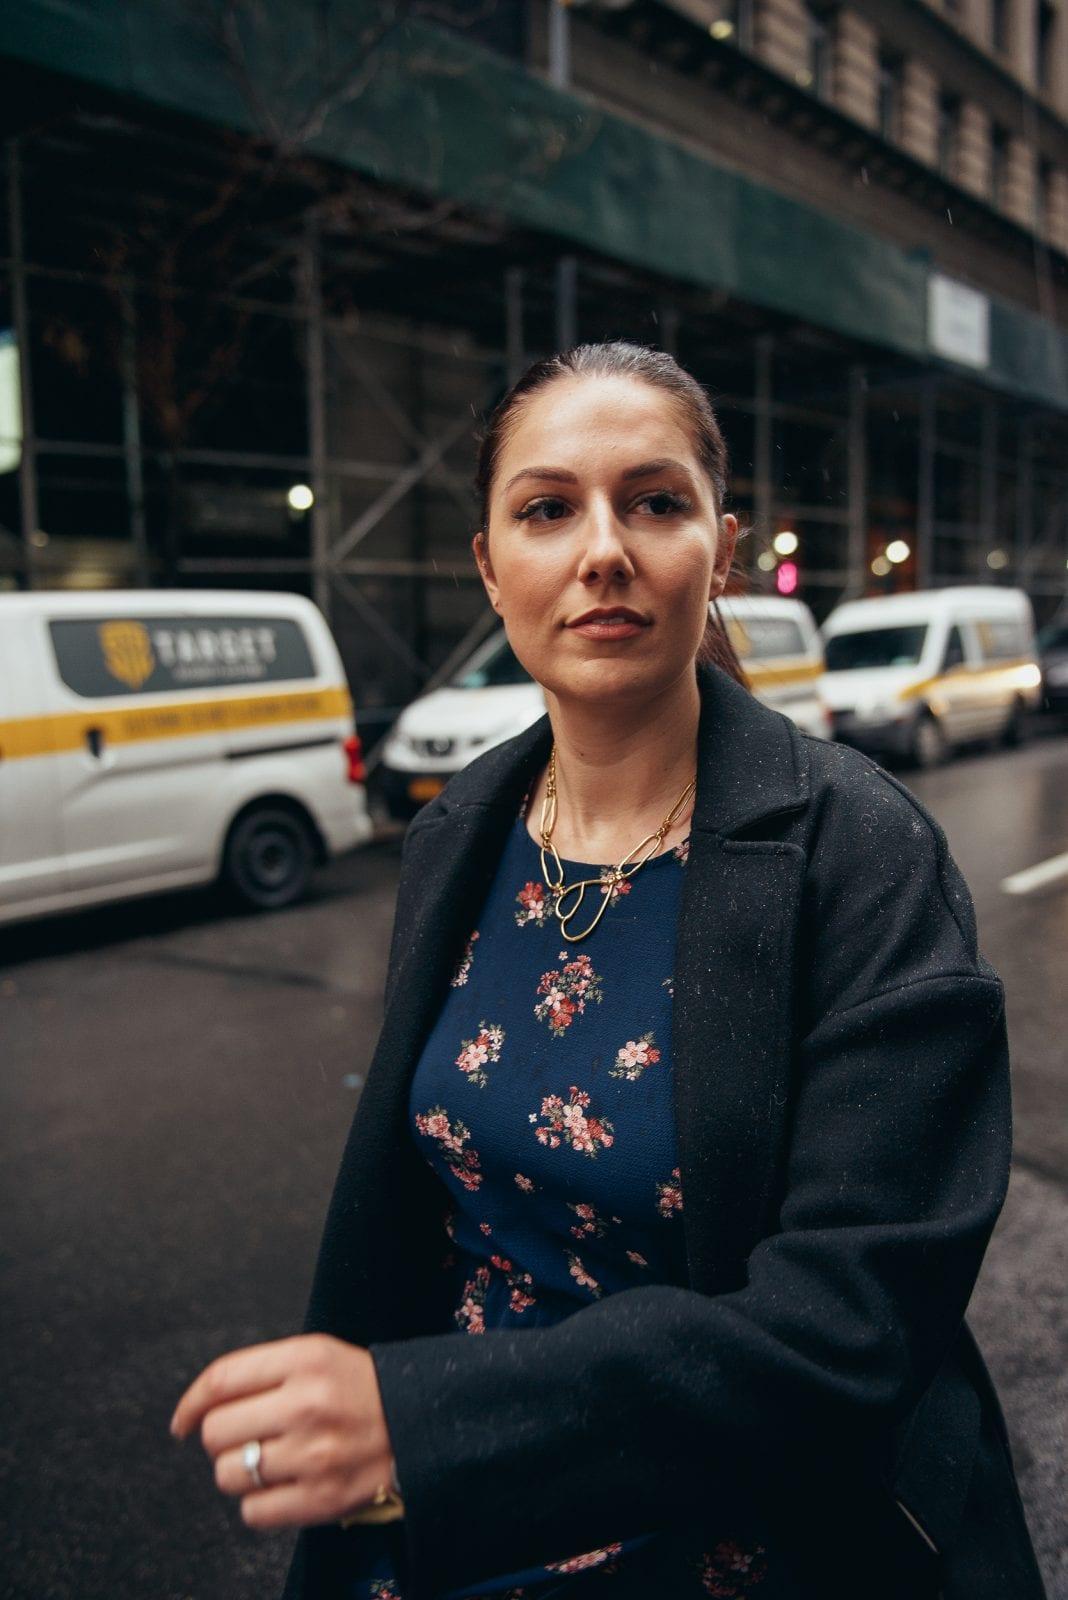 I am walking down the street in New York City, outside Innside New York.